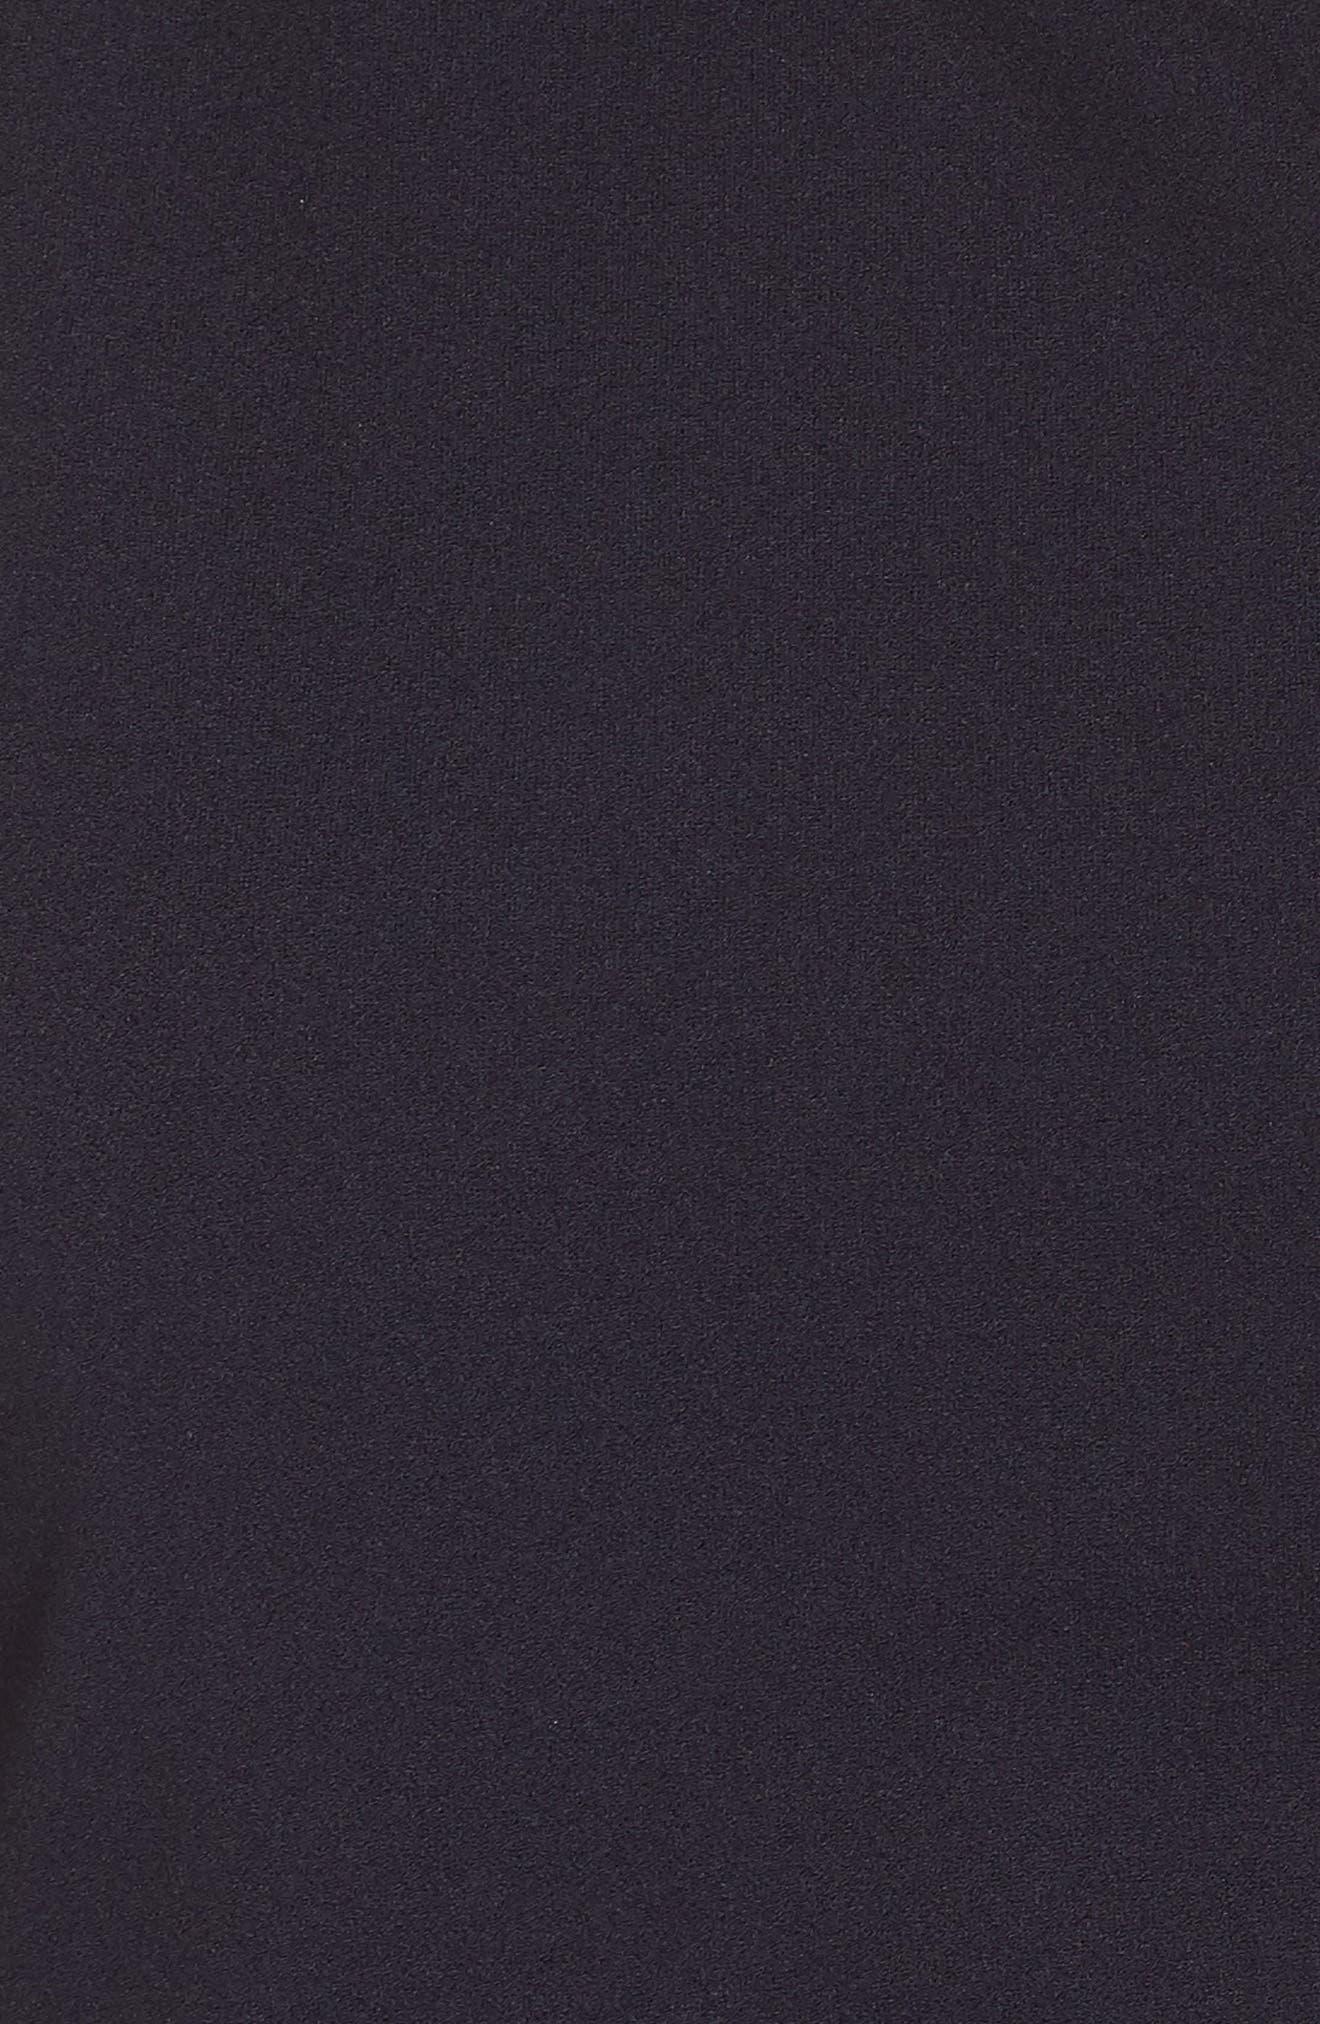 One-Shoulder Crepe Dress,                             Alternate thumbnail 6, color,                             NAVY